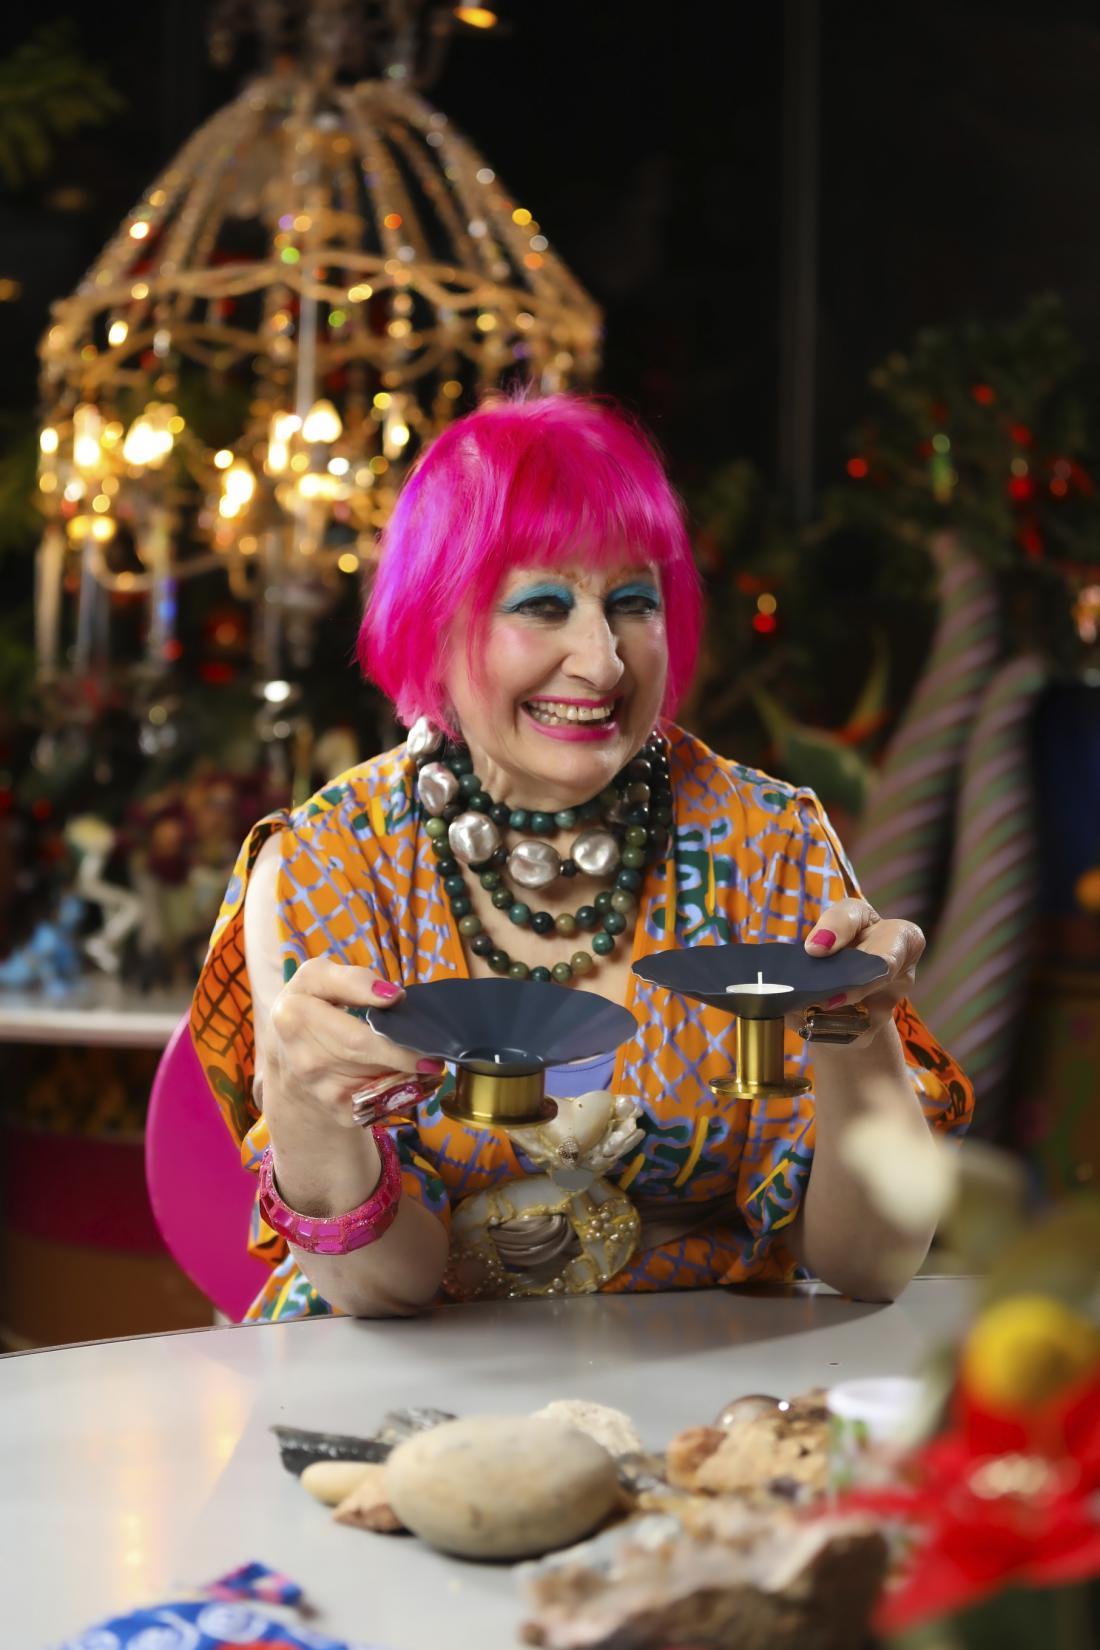 Zandra Rhodes je britanska modna in tekstilna oblikovalka, ki je London v sedemdesetih letih postavila v ospredje mednarodne modne scene.